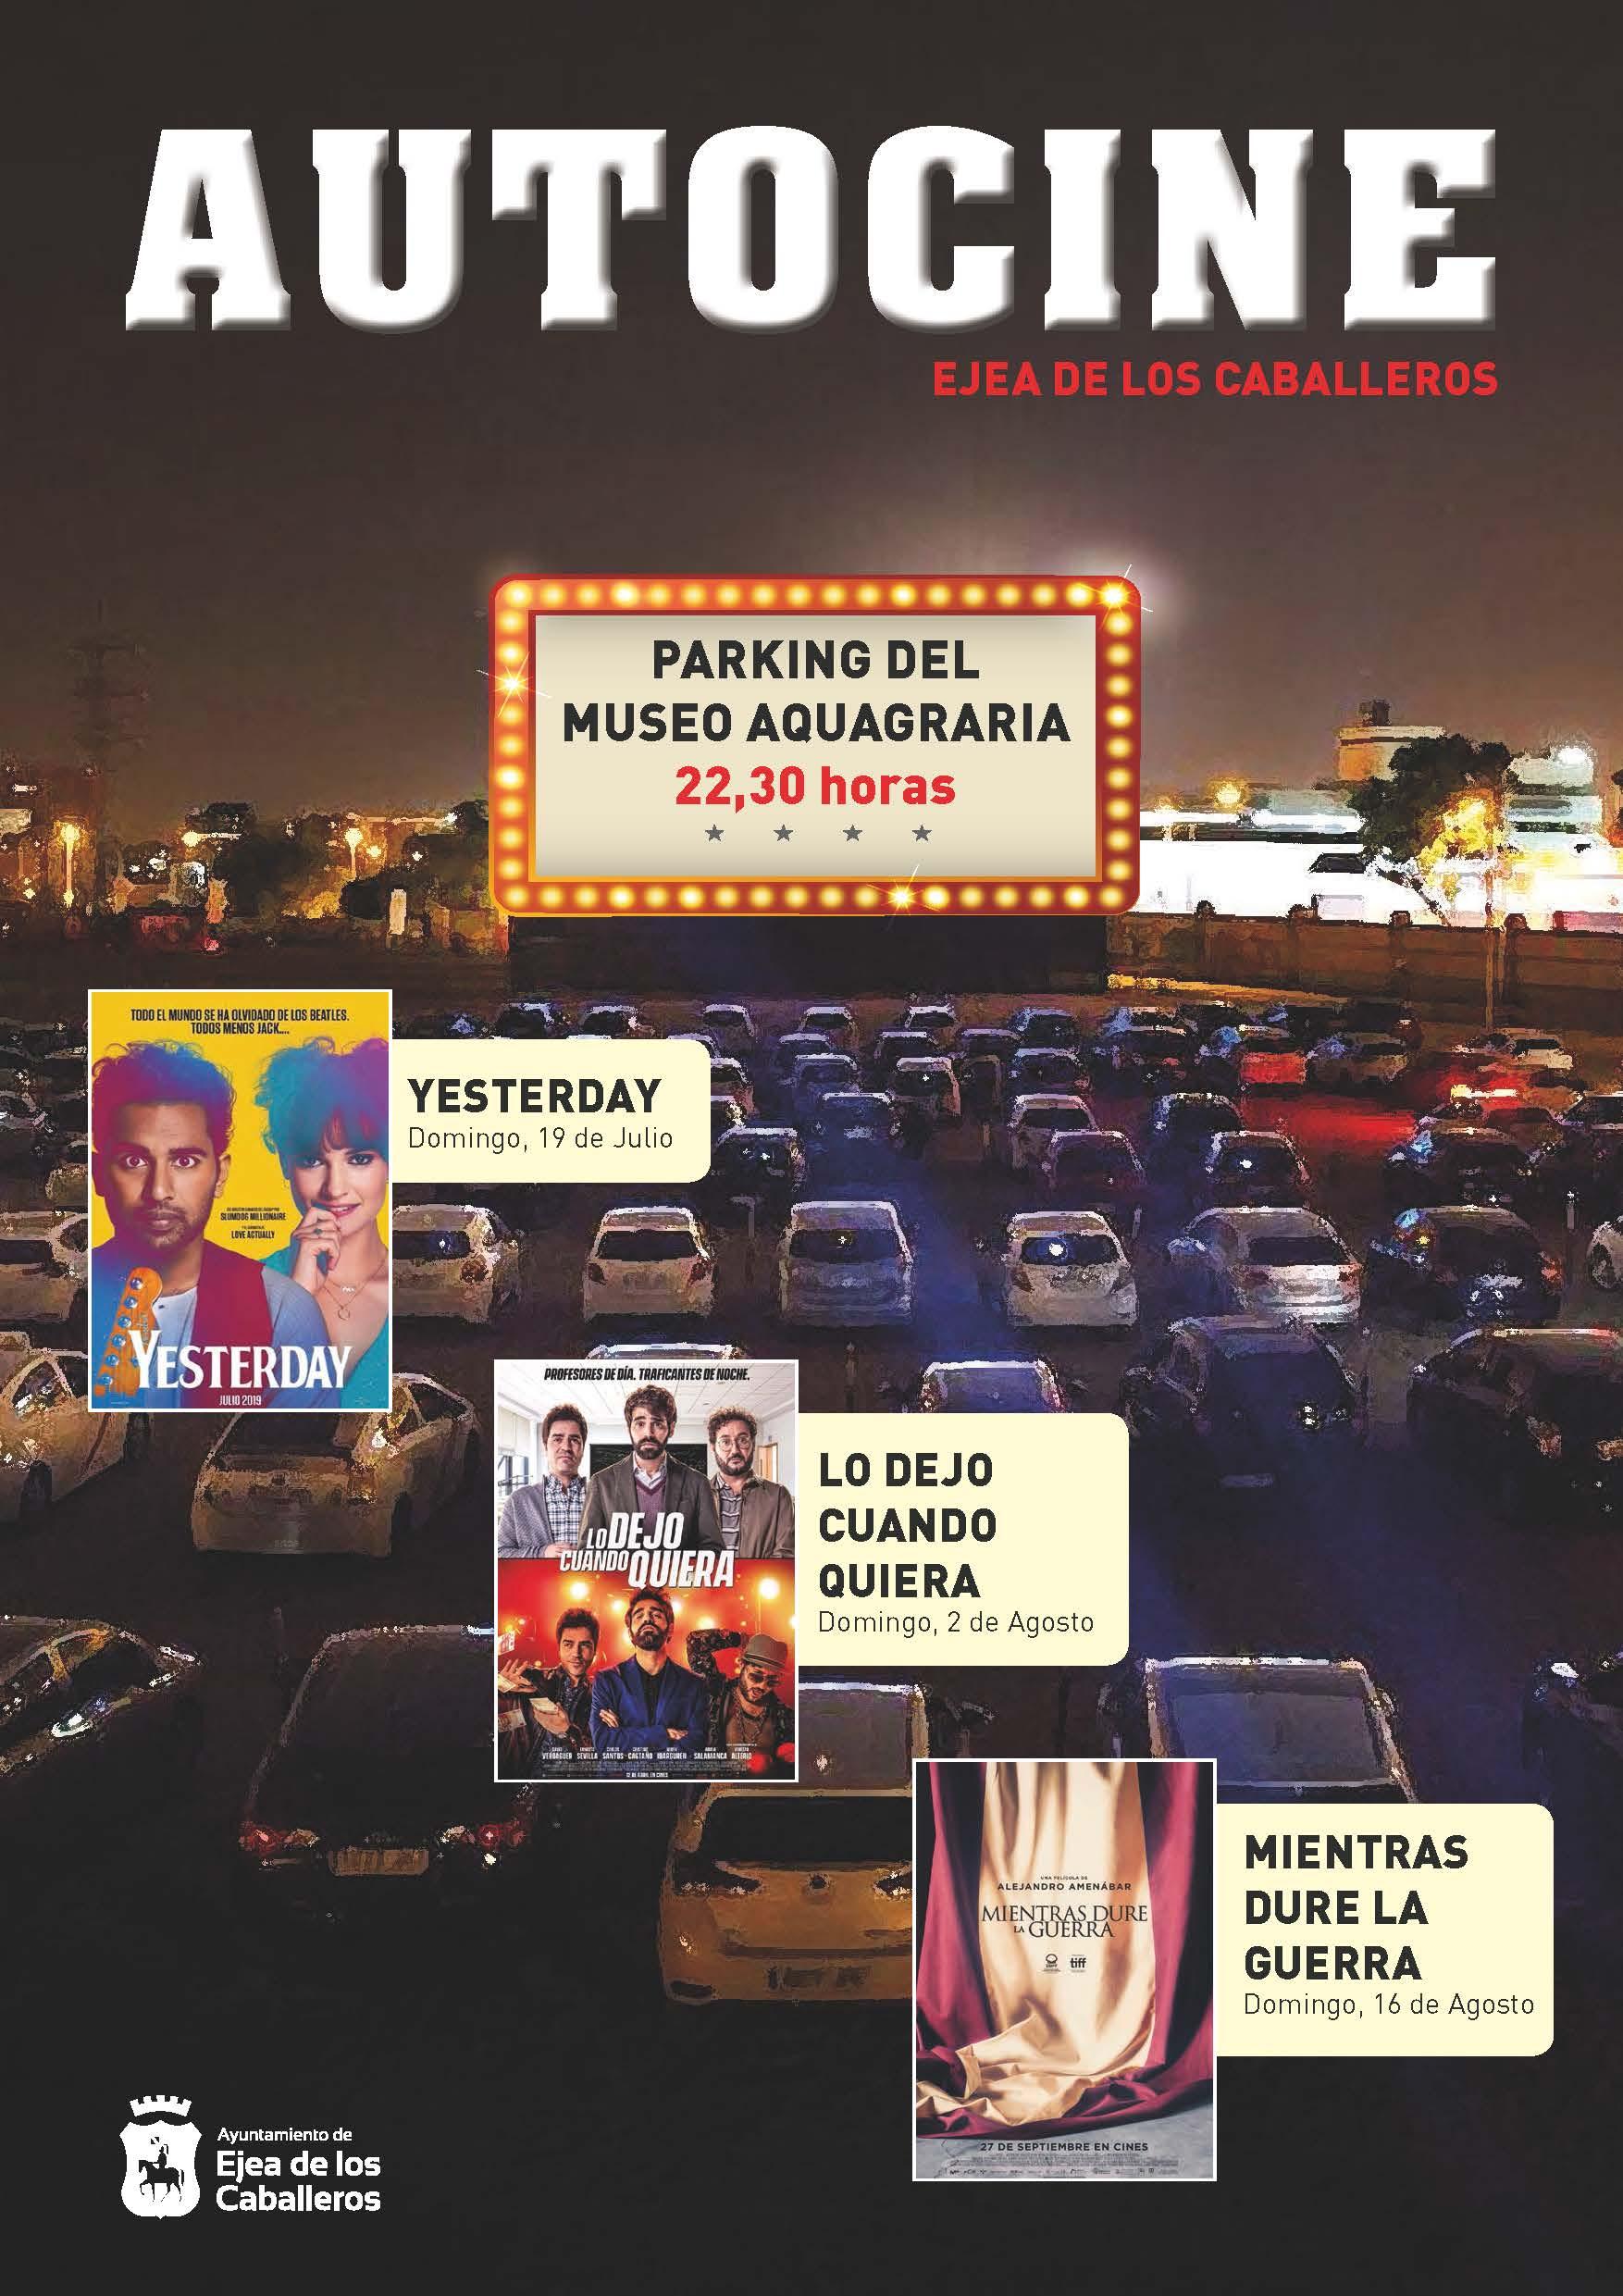 La experiencia del Autocine llega a Ejea con la proyección de tres películas en el parking del Museo Aquagraria